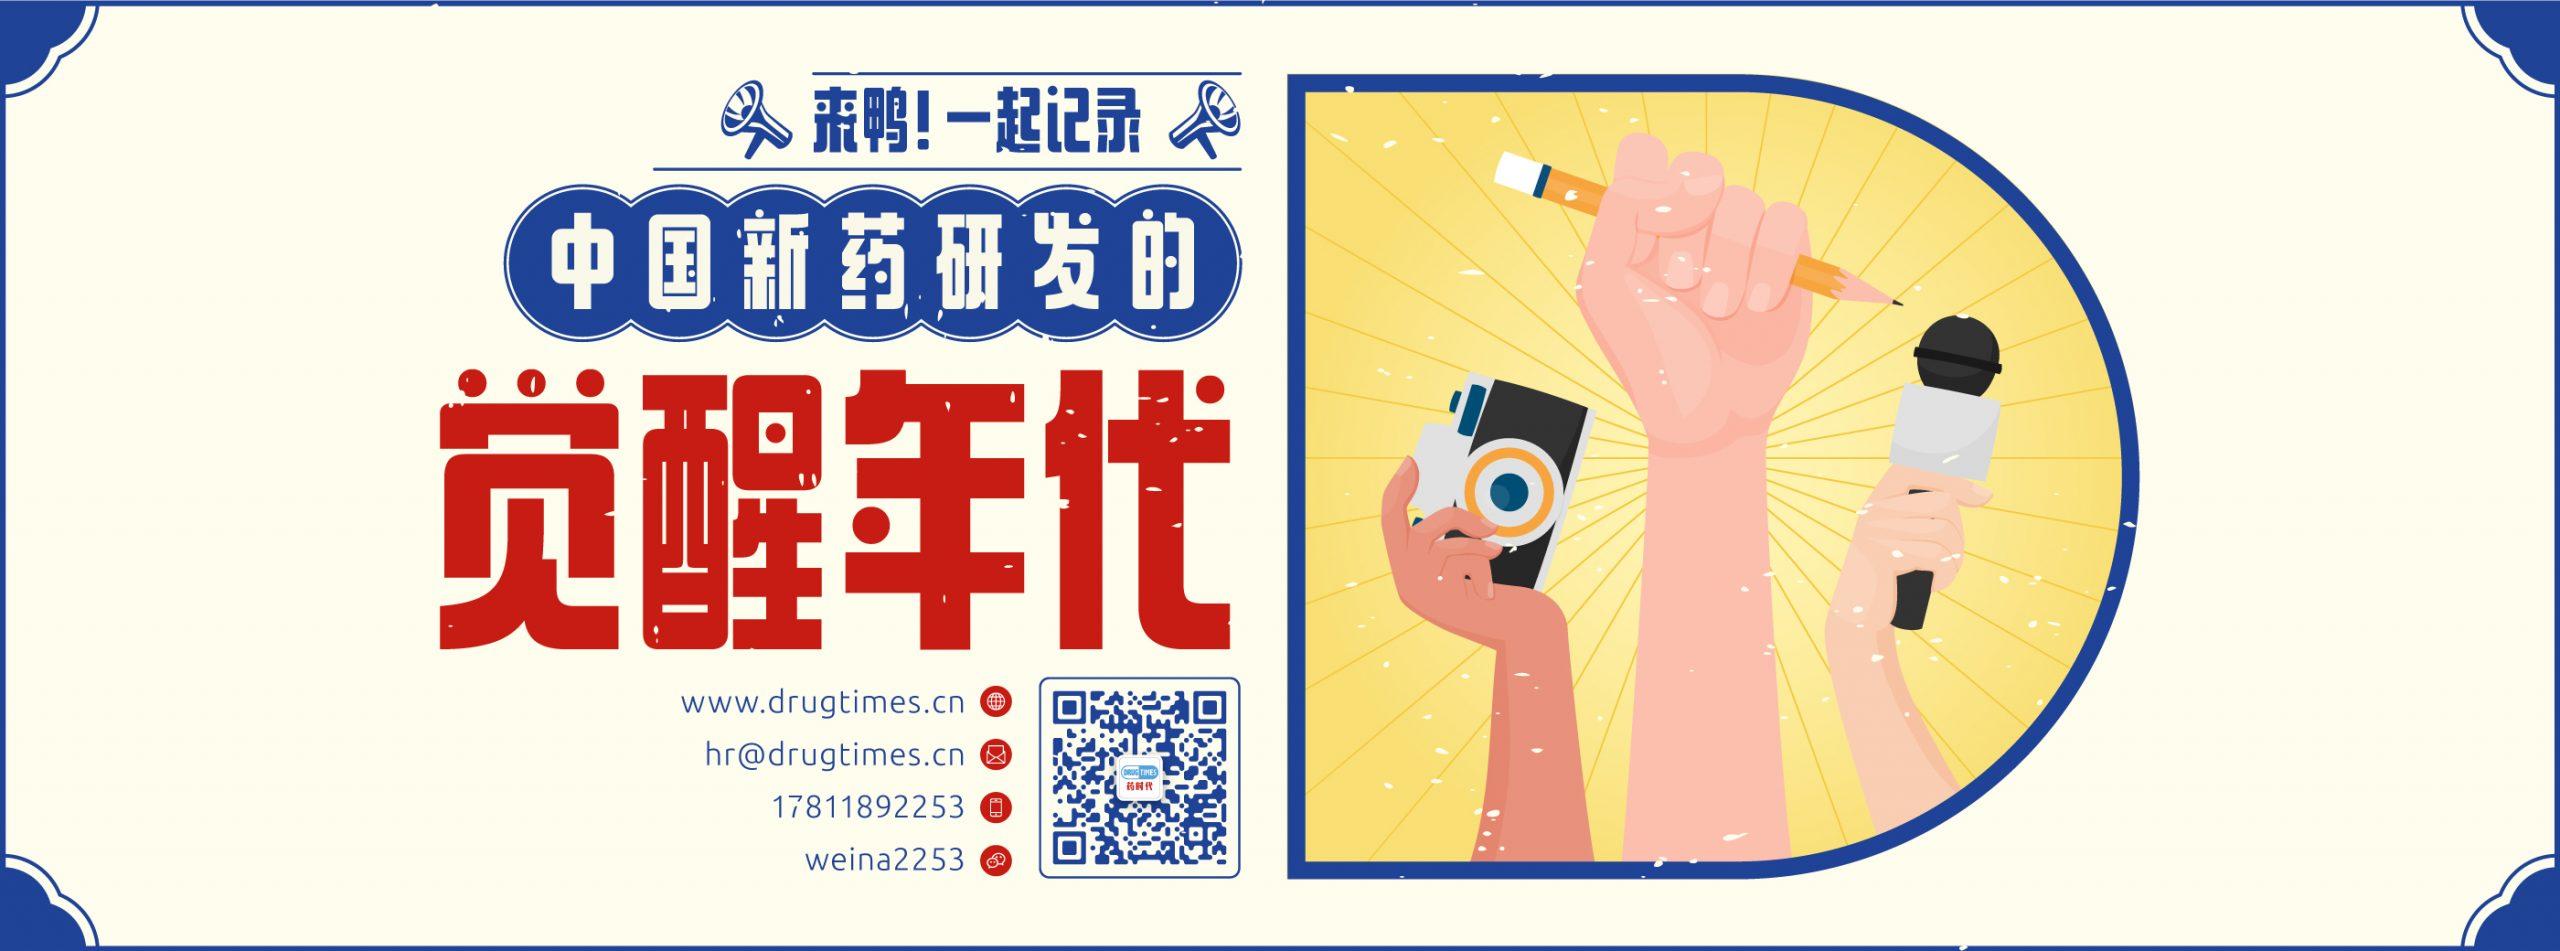 药时代招聘   少年,我们一起记录中国新药研发的觉醒年代!